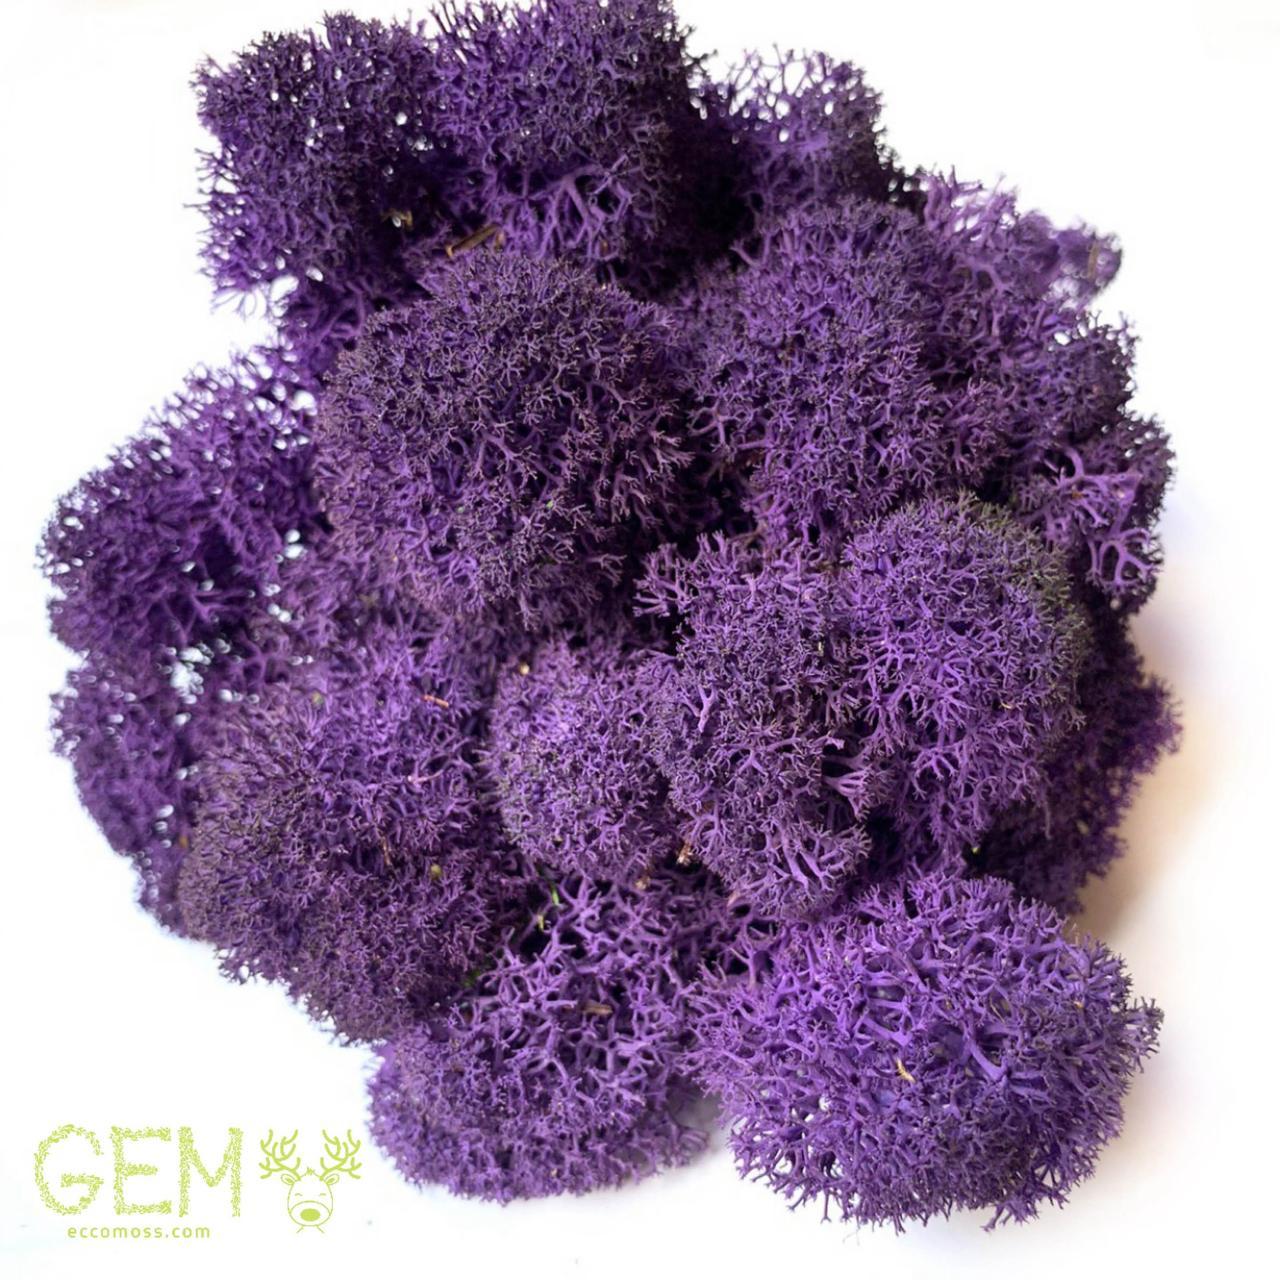 Стабилизированный мох Green Ecco Moss ягель скандинавский фиолетовый 4 кг